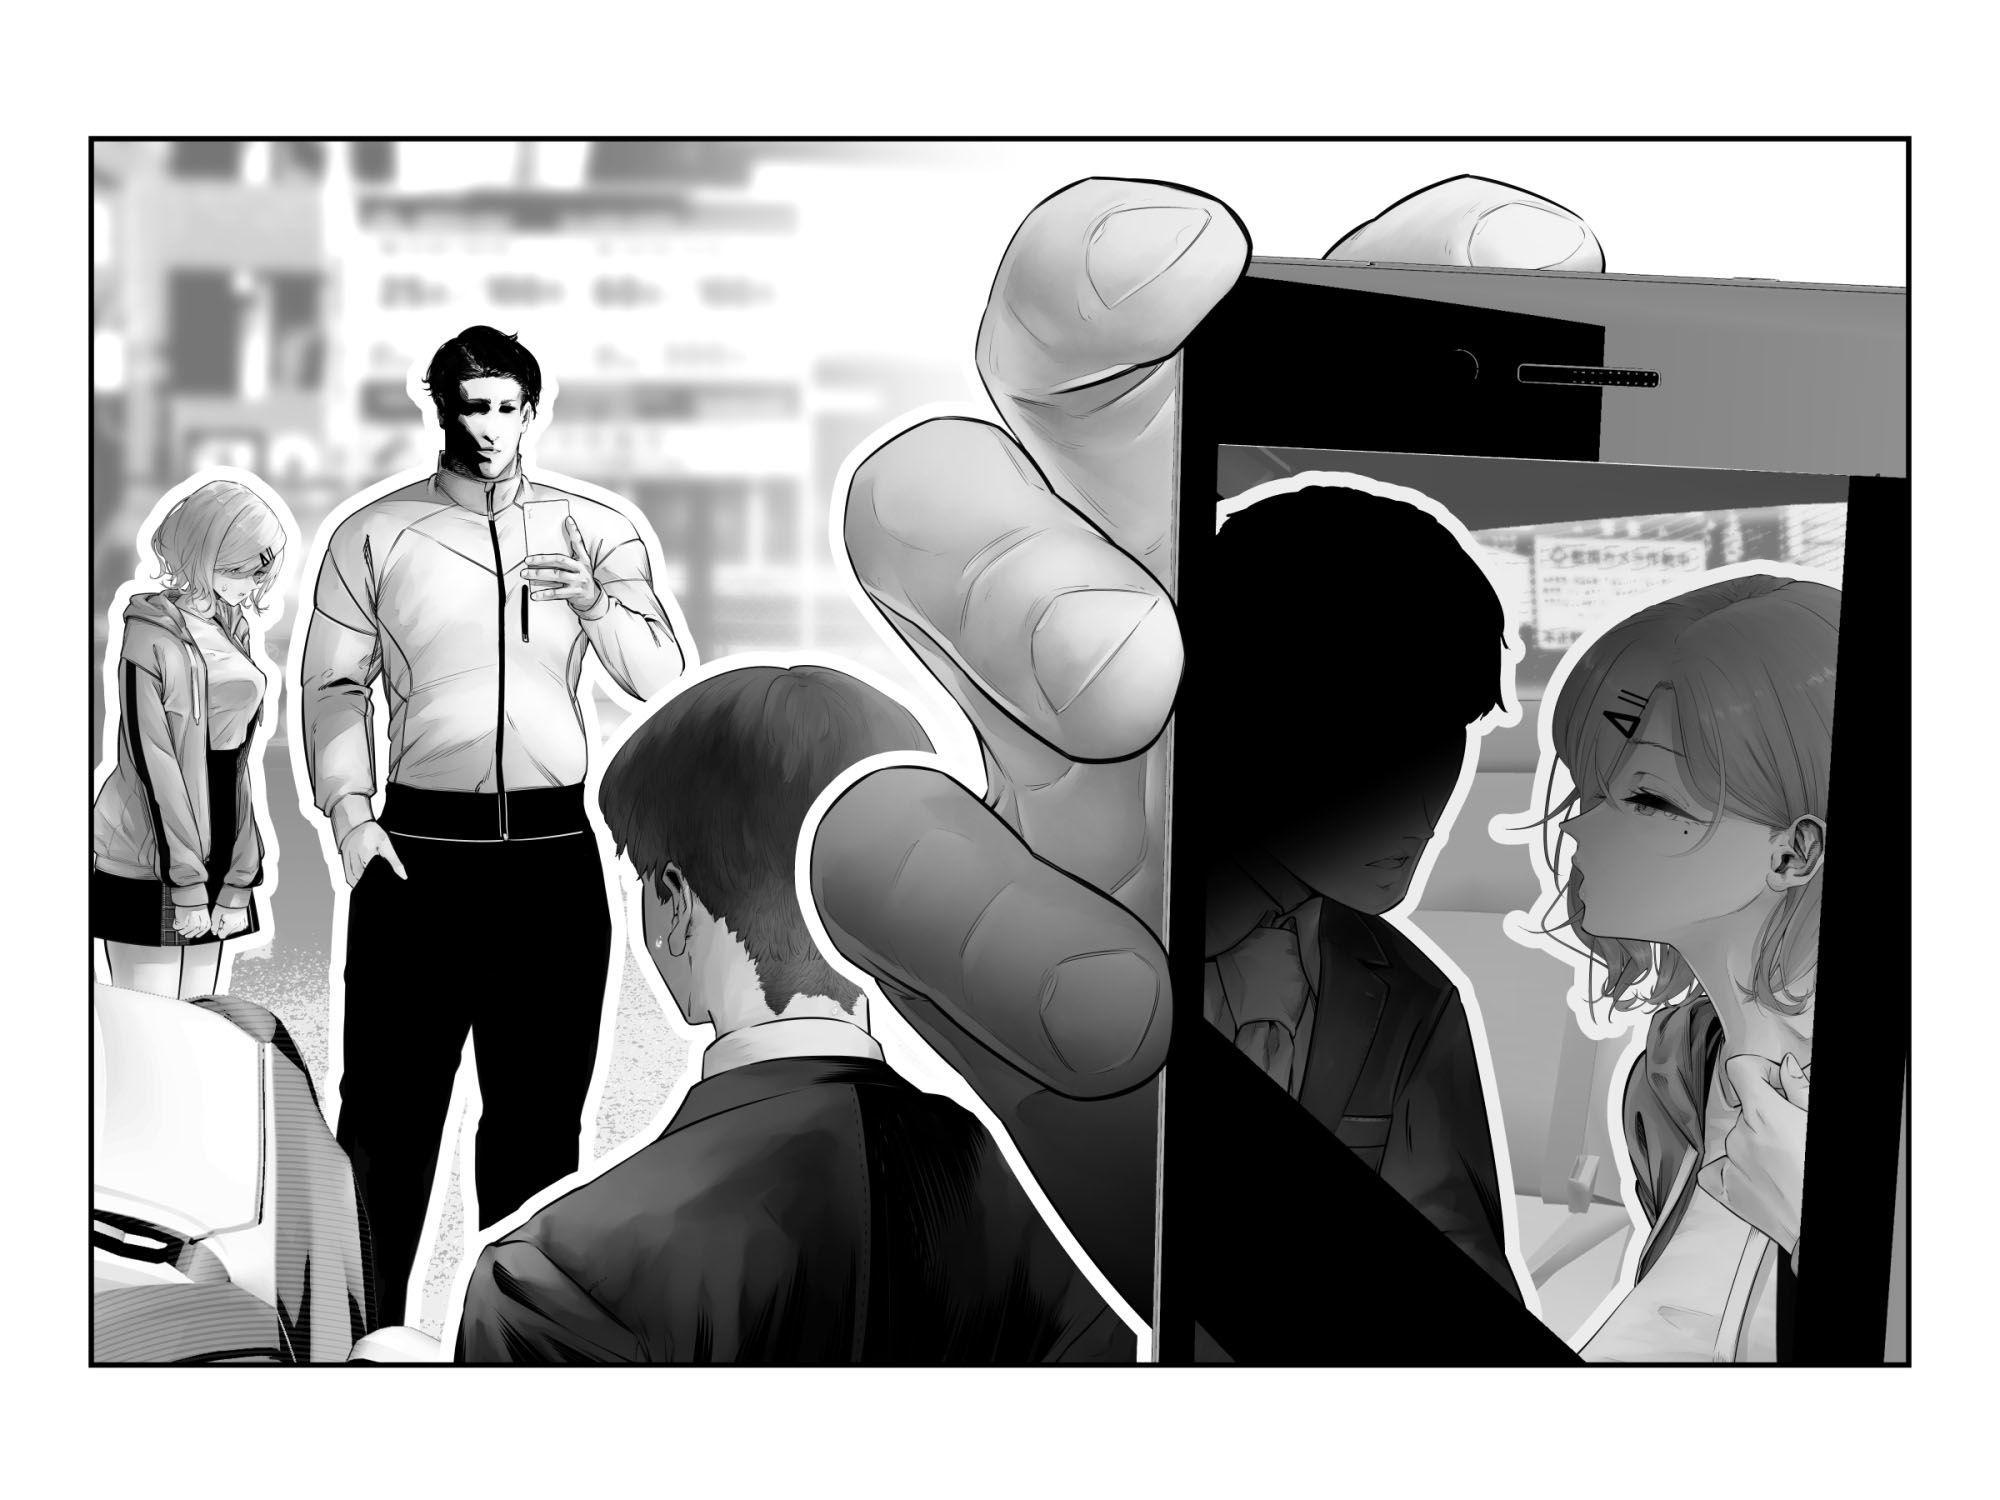 -樋■円香-交際バレ、後部座席で寝取られ調教 エロアニメ画像